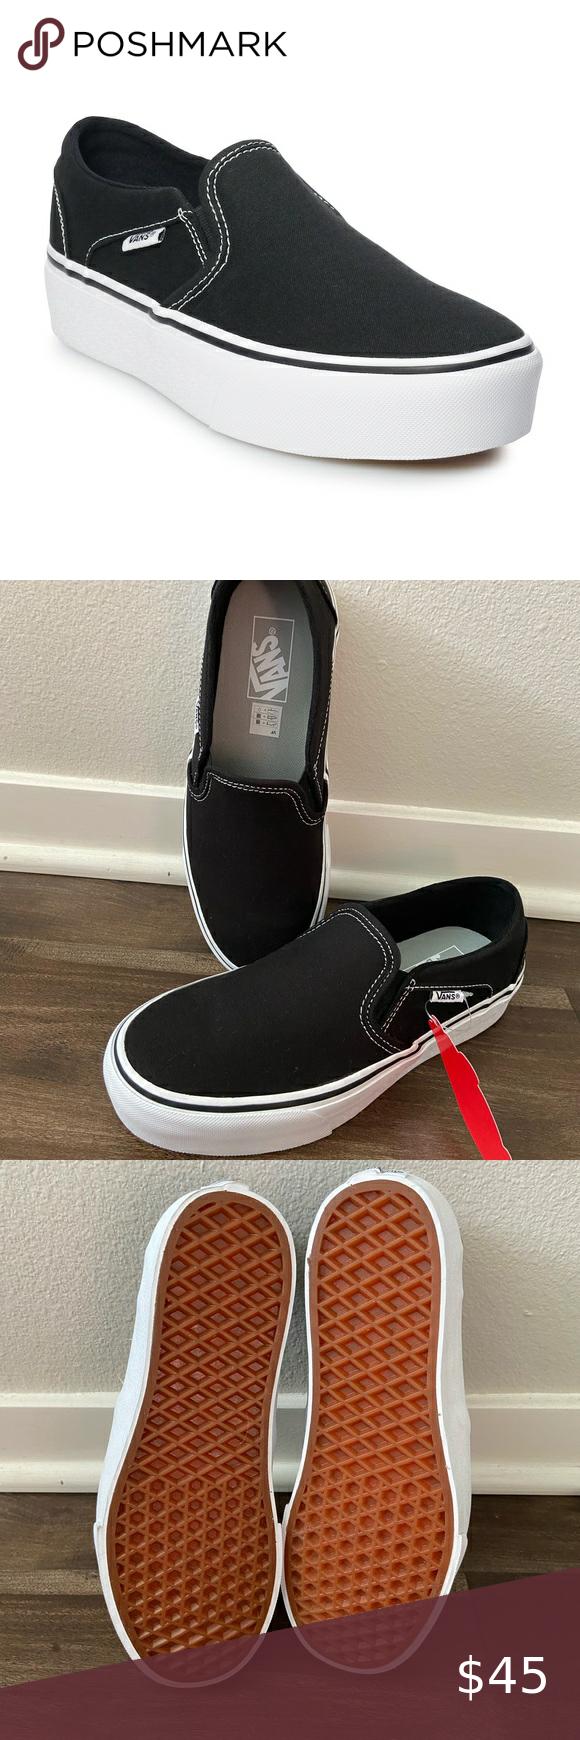 Vans Asher Womens Platform Skate Shoes